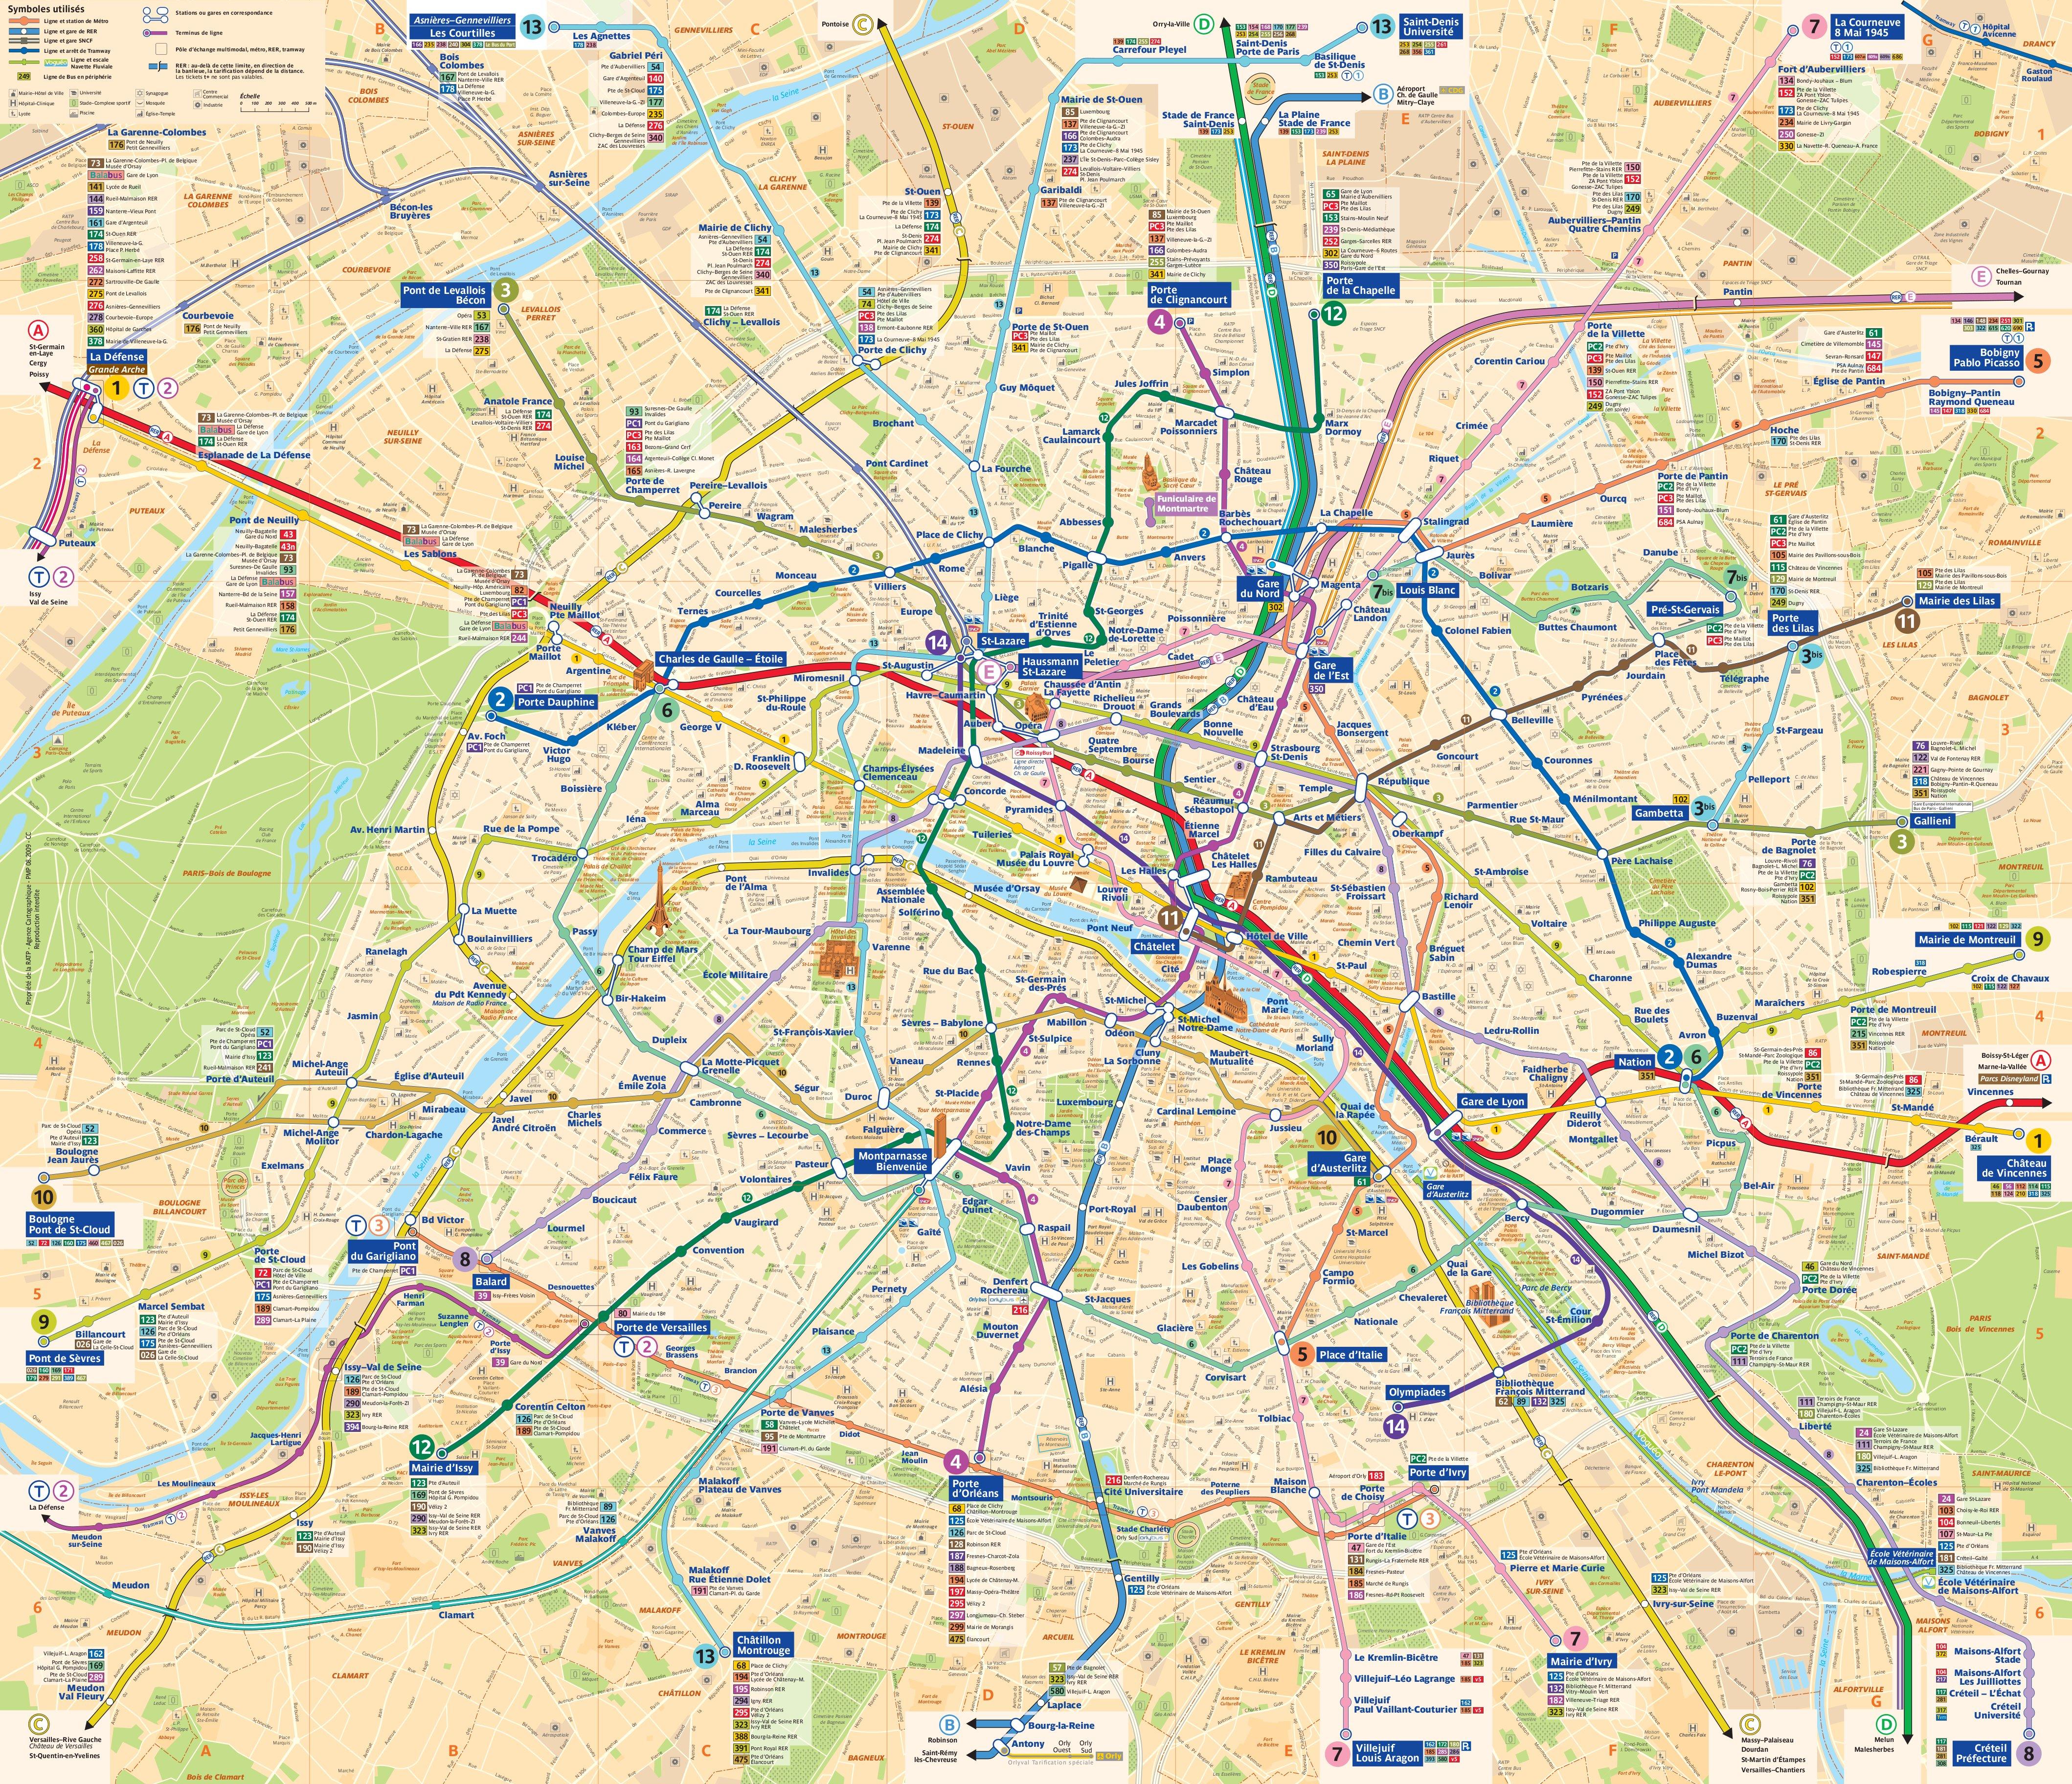 carte plan métro paris